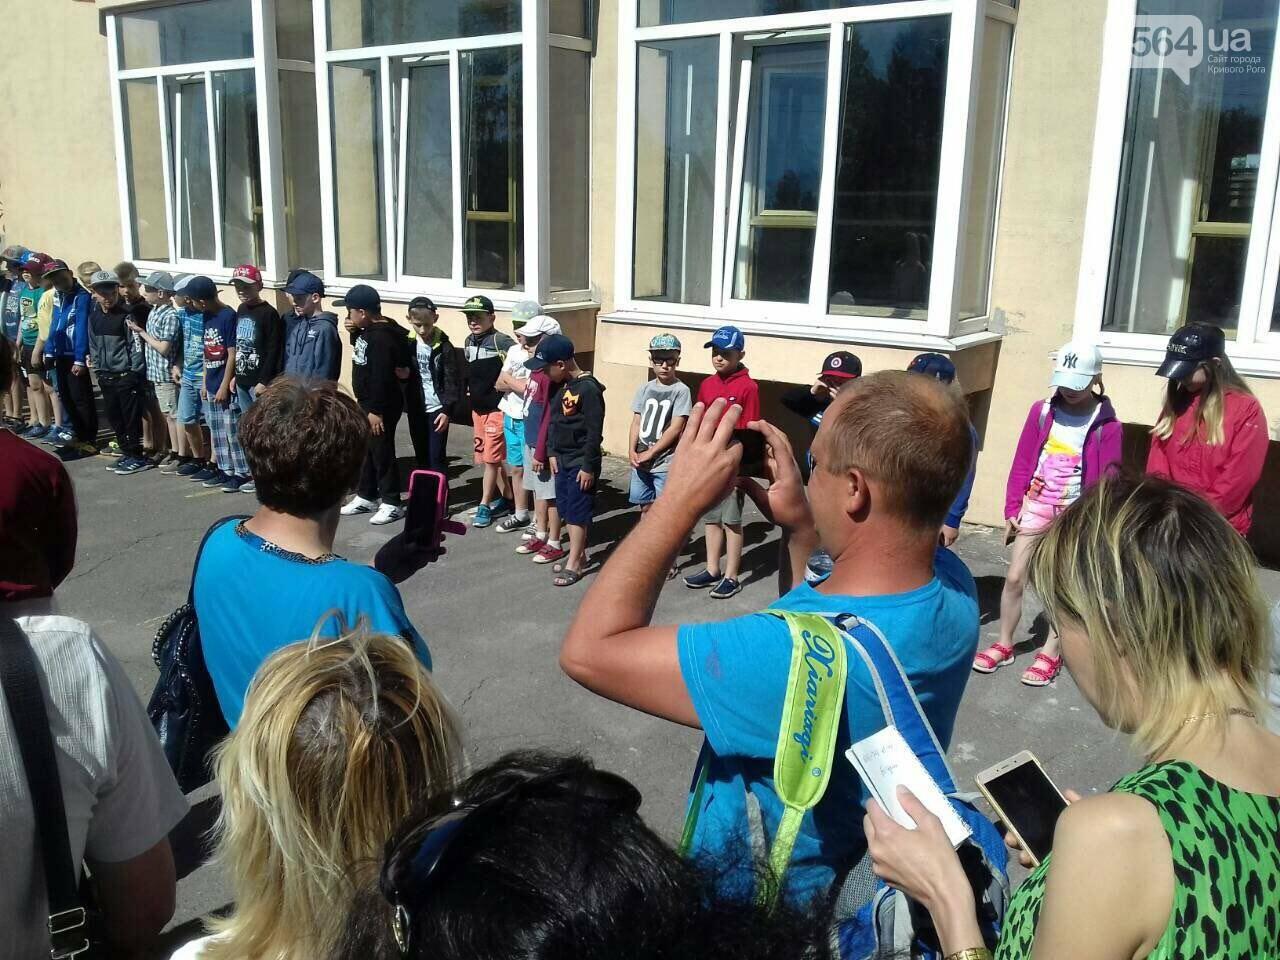 Юные криворожские спортсмены открыли летний сезон в спортивном лагере, - ФОТО, фото-12